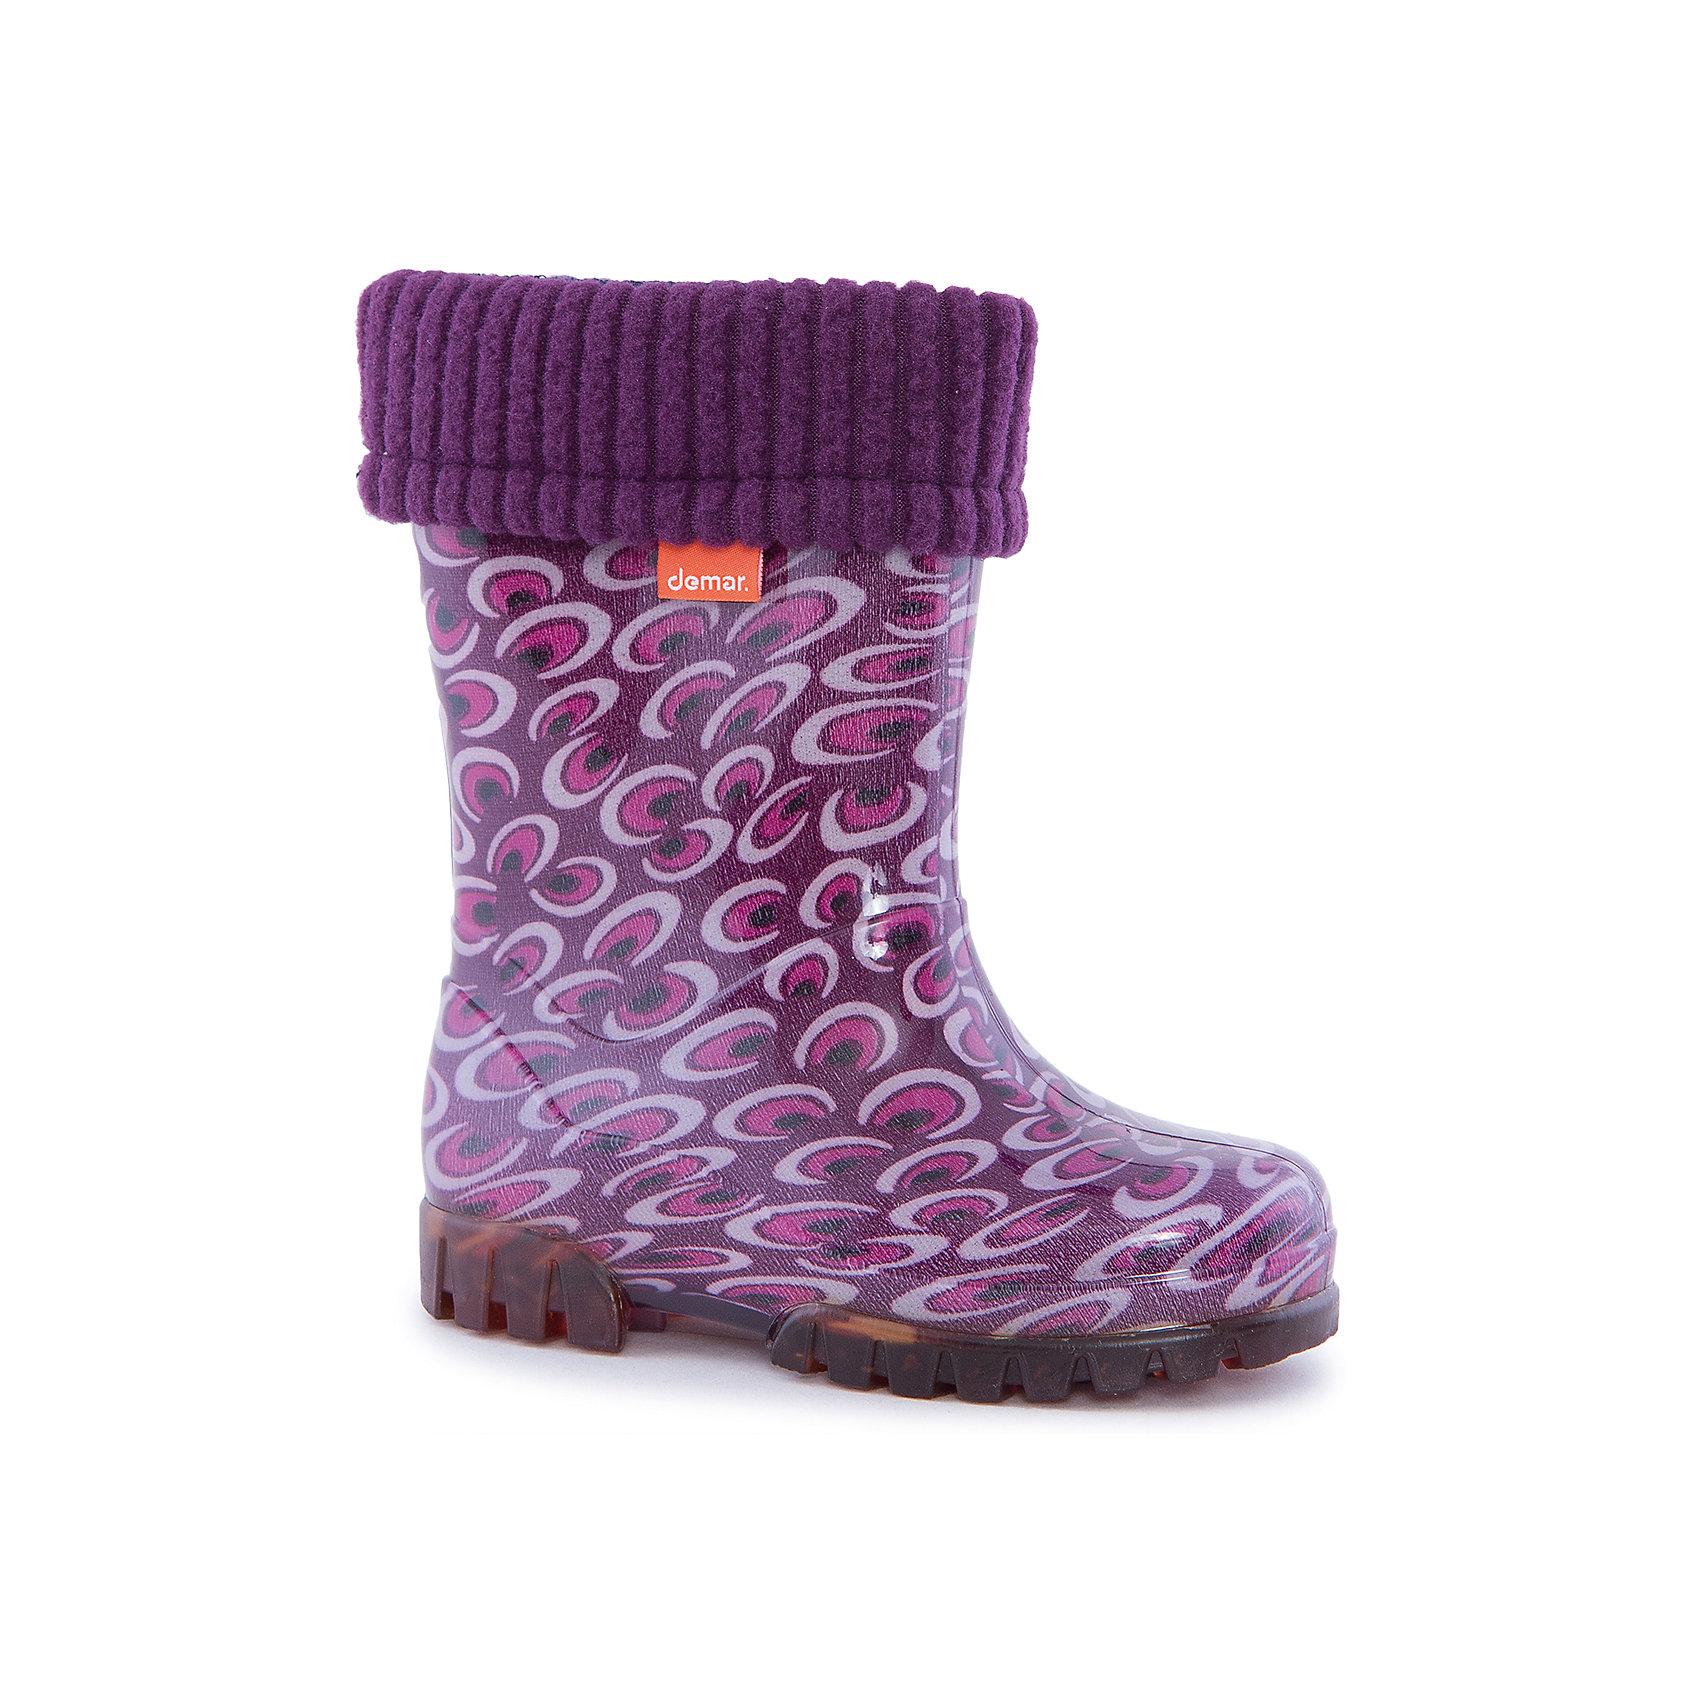 Резиновые сапоги Twister Lux Print DEMARХарактеристики товара:<br><br>• цвет: фиолетовый<br>• материал верха: ПВХ<br>• материал подкладки: текстиль <br>• материал подошвы: ПВХ<br>• температурный режим: от 0° до +15° С<br>• верх не продувается<br>• съемный чулок<br>• стильный дизайн<br>• страна бренда: Польша<br>• страна изготовитель: Польша<br><br>Осенью и весной ребенку не обойтись без непромокаемых сапожек! Чтобы не пропустить главные удовольствия межсезонья, нужно запастись удобной обувью. Такие сапожки обеспечат ребенку необходимый для активного отдыха комфорт, а подкладка из текстиля позволит ножкам оставаться теплыми. Сапожки легко надеваются и снимаются, отлично сидят на ноге. Они удивительно легкие!<br>Обувь от польского бренда Demar - это качественные товары, созданные с применением новейших технологий и с использованием как натуральных, так и высокотехнологичных материалов. Обувь отличается стильным дизайном и продуманной конструкцией. Изделие производится из качественных и проверенных материалов, которые безопасны для детей.<br><br>Сапожки от бренда Demar (Демар) можно купить в нашем интернет-магазине.<br><br>Ширина мм: 237<br>Глубина мм: 180<br>Высота мм: 152<br>Вес г: 438<br>Цвет: разноцветный<br>Возраст от месяцев: -2147483648<br>Возраст до месяцев: 2147483647<br>Пол: Женский<br>Возраст: Детский<br>Размер: 22/23,26/27,24/25<br>SKU: 4639994